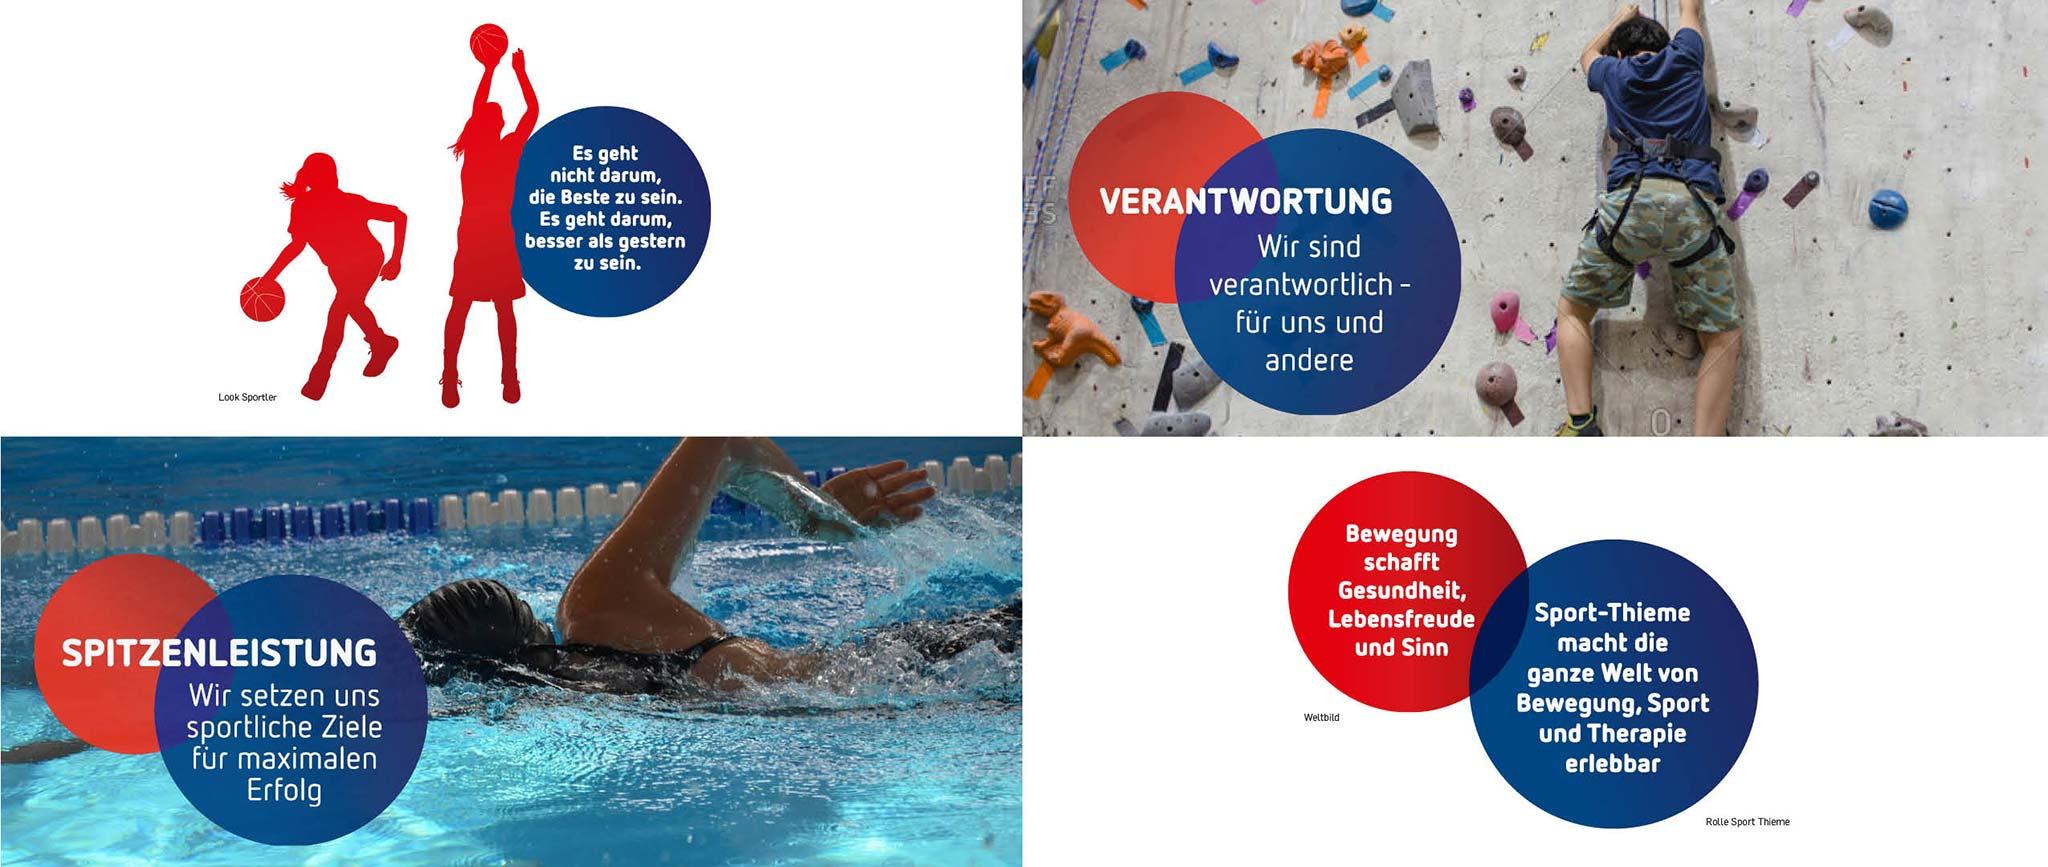 Sport-Thieme: Markenwerte und Visionen